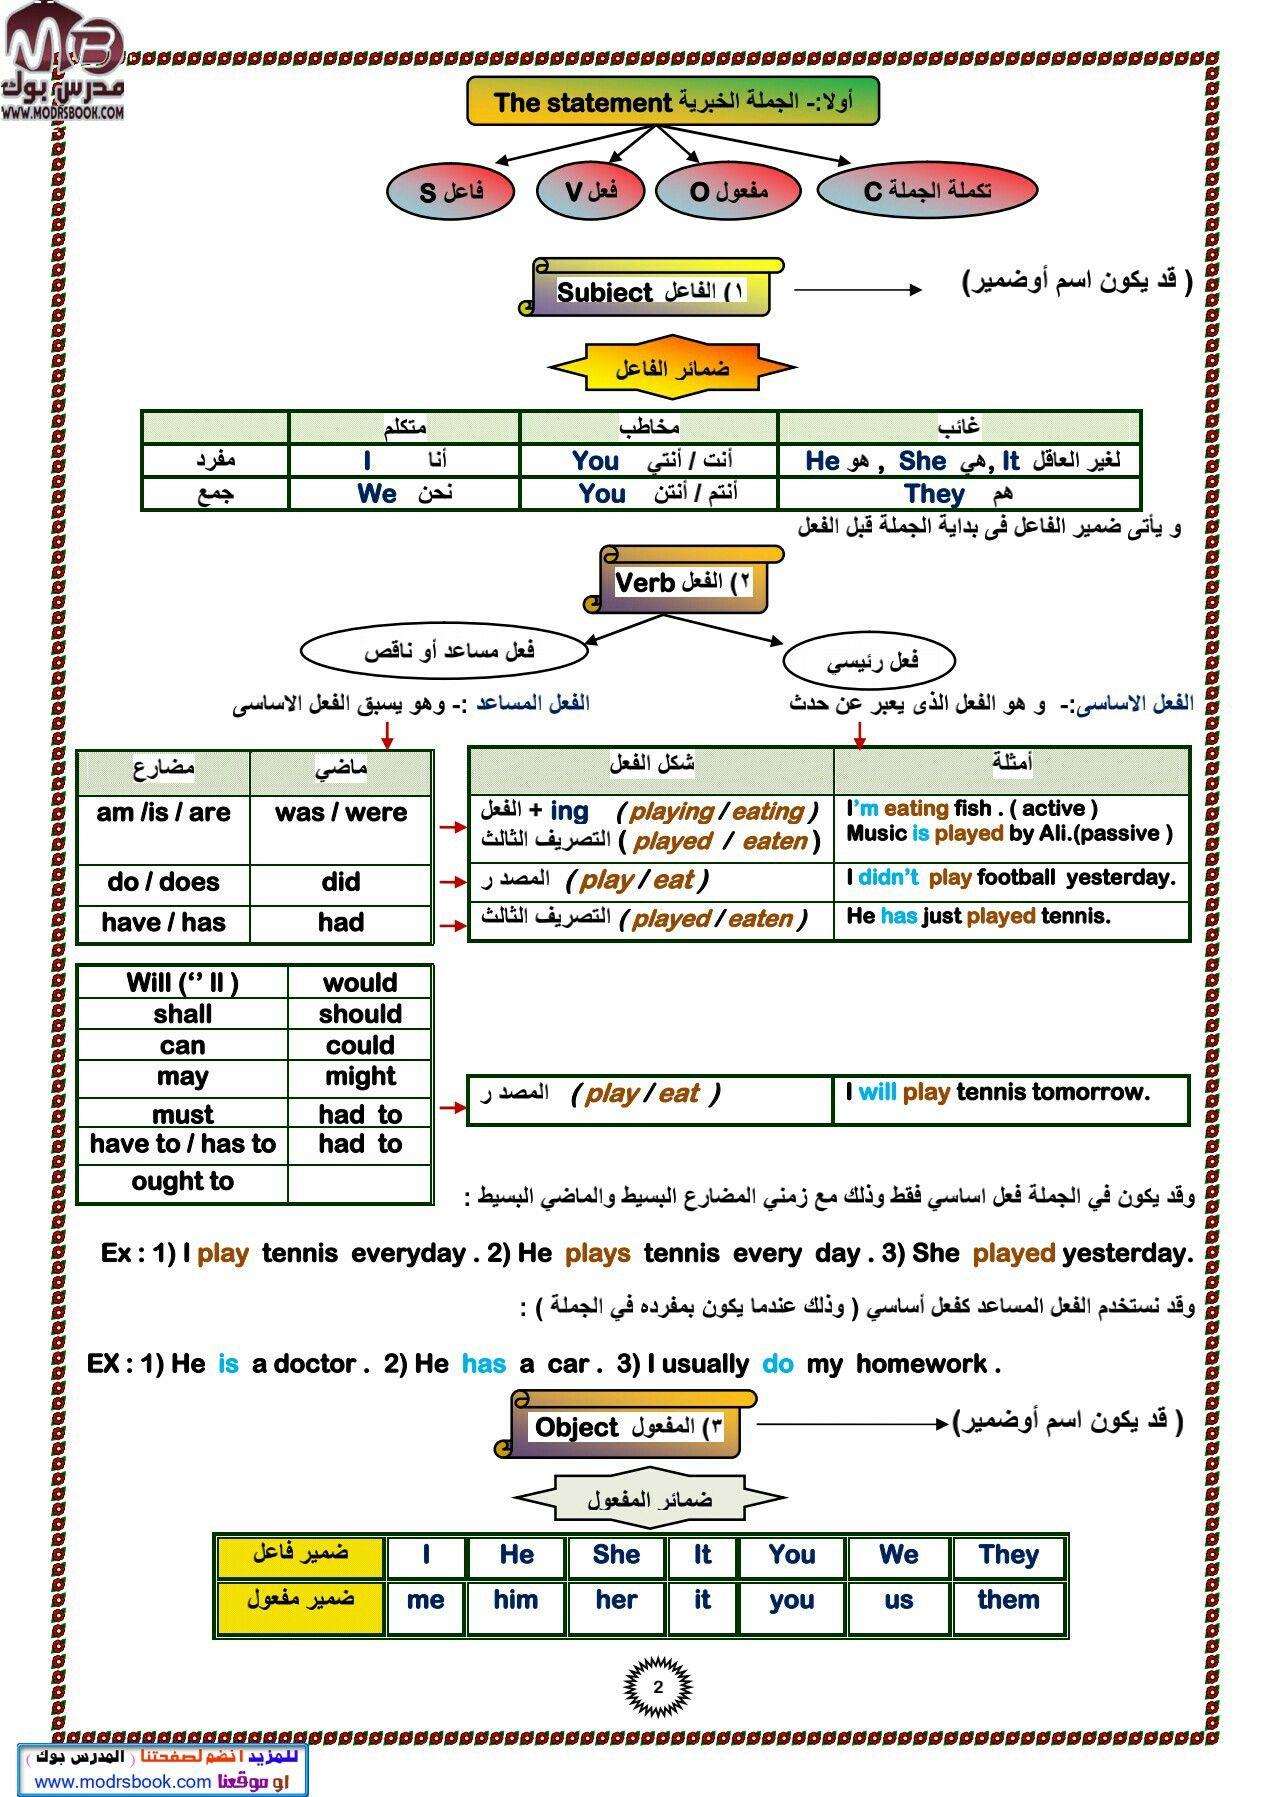 Pin By Ahmad Hamad On اللغة الانكليزية في اربعين صفحة Periodic Table Diagram